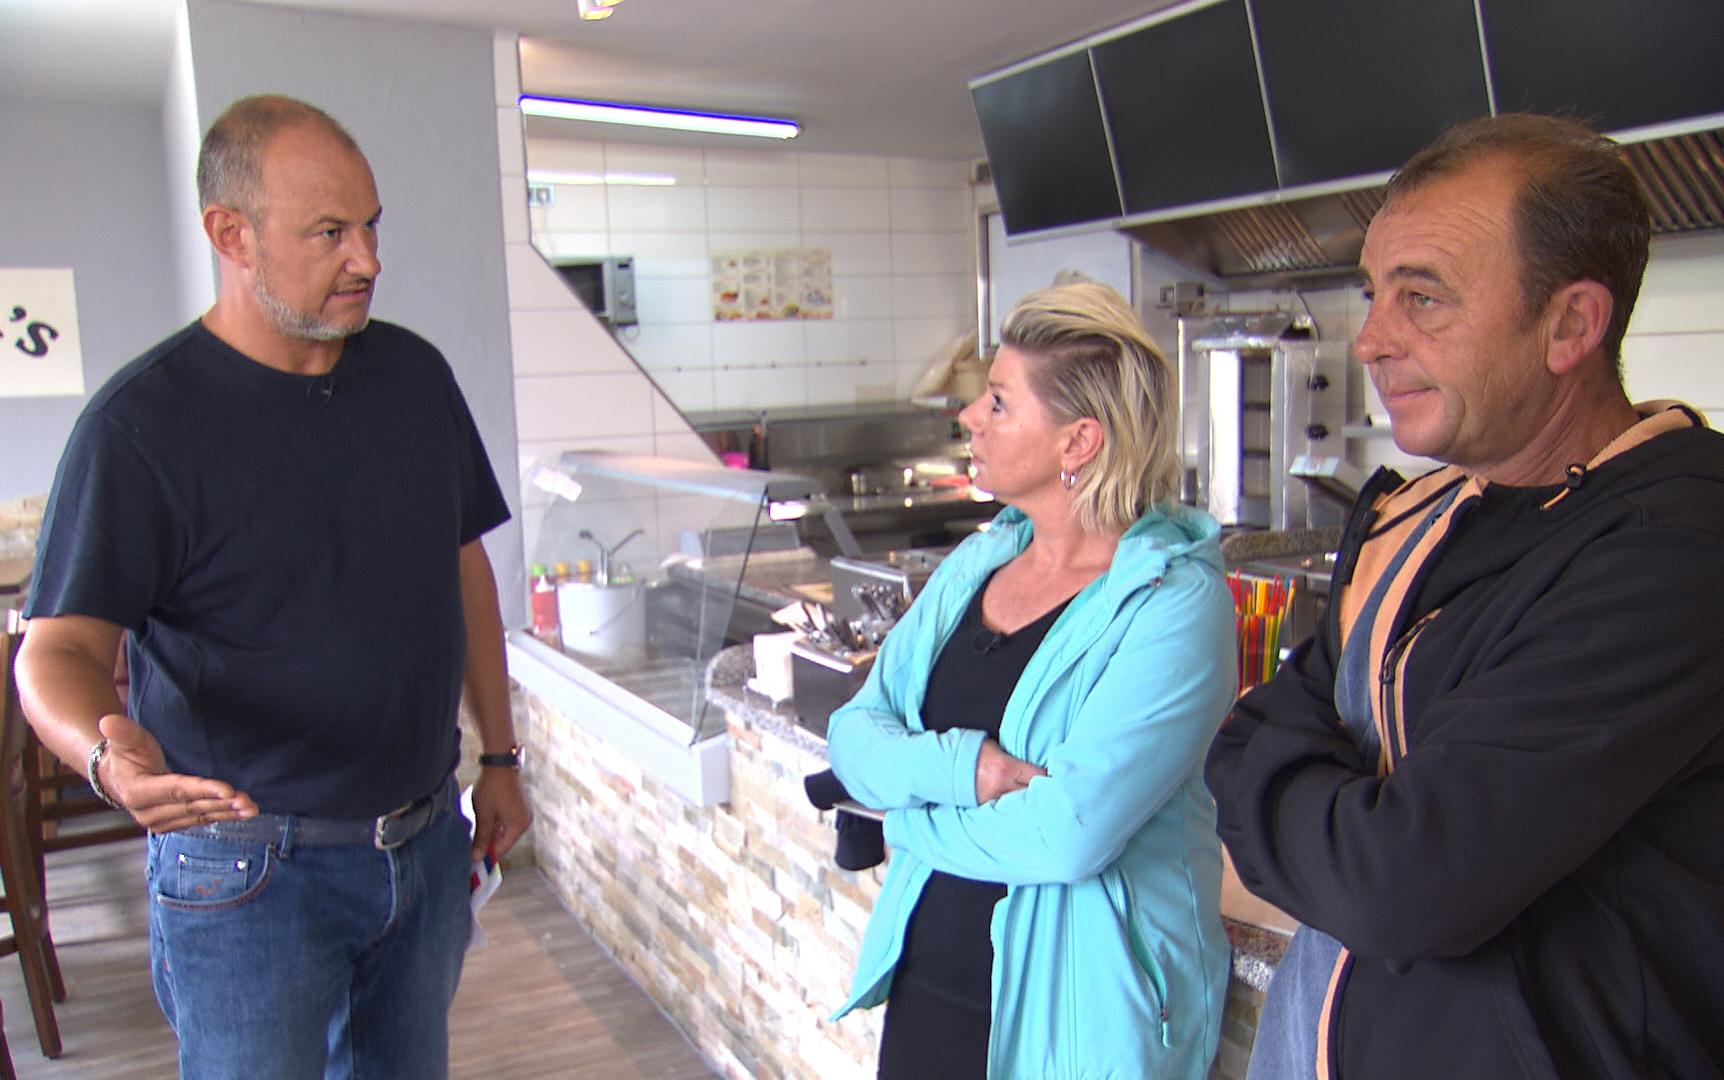 Zum Ersten Mal Nach 70 Folgen Frank Rosin Bricht Gastronomische